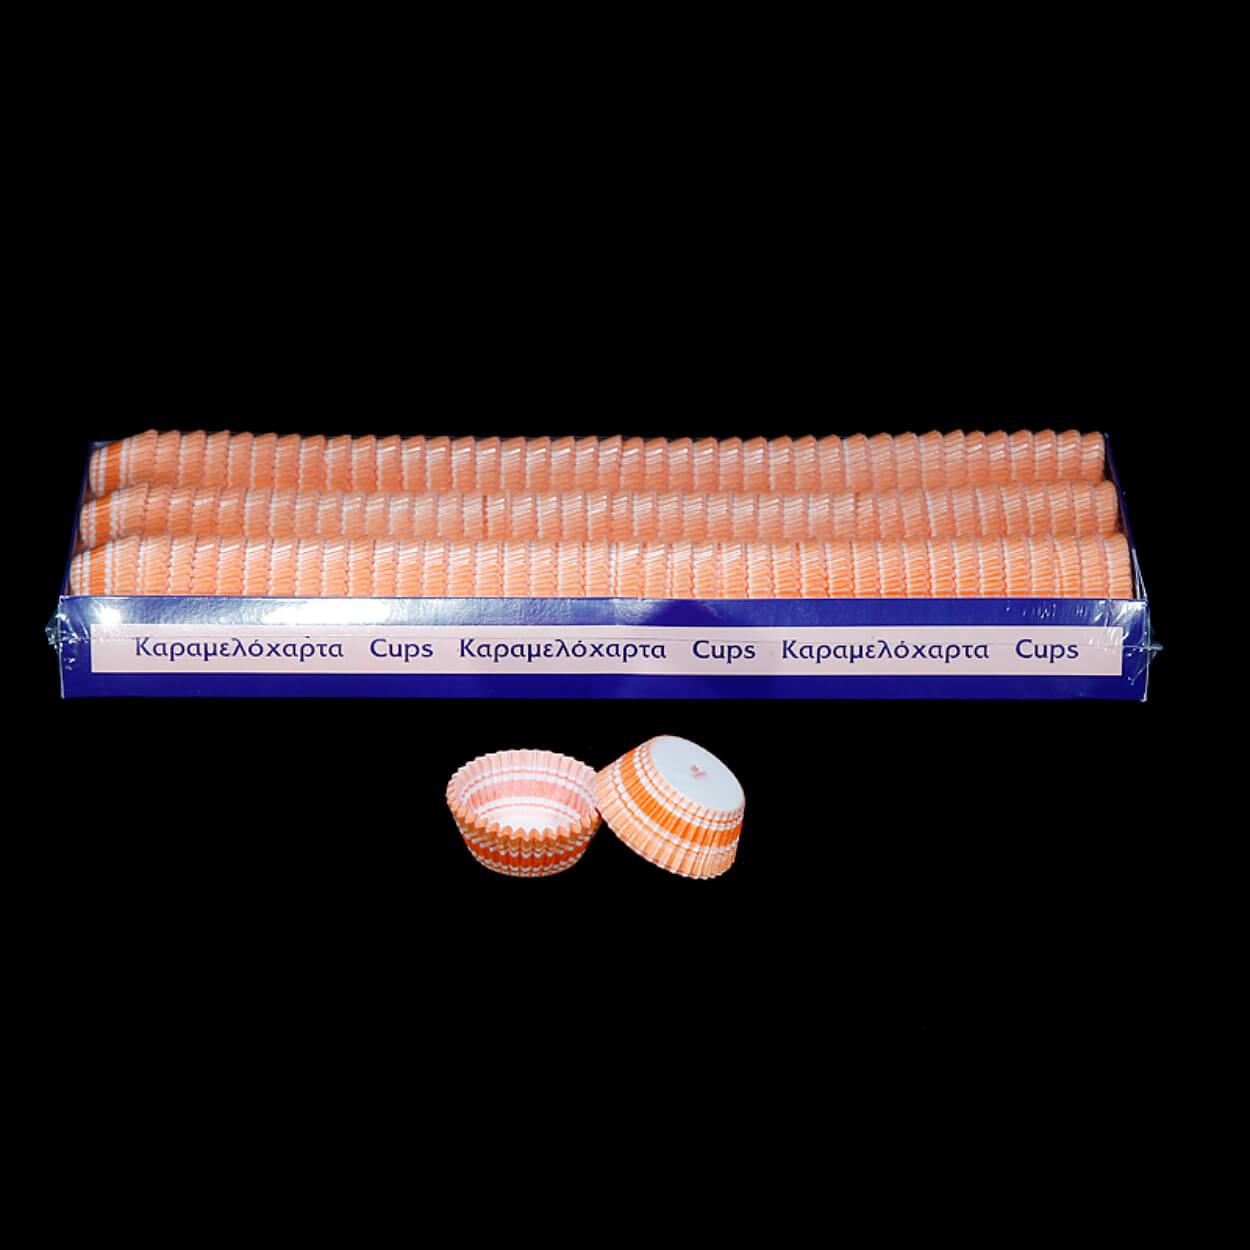 ΣΤΡΟΓΓΥΛΟ ΚΑΡΑΜΕΛΟΧΑΡΤΟ Φ30xΦ65×17,5mm ΛΕΥΚΟ-ΠΟΡΤΟΚΑΛΙ